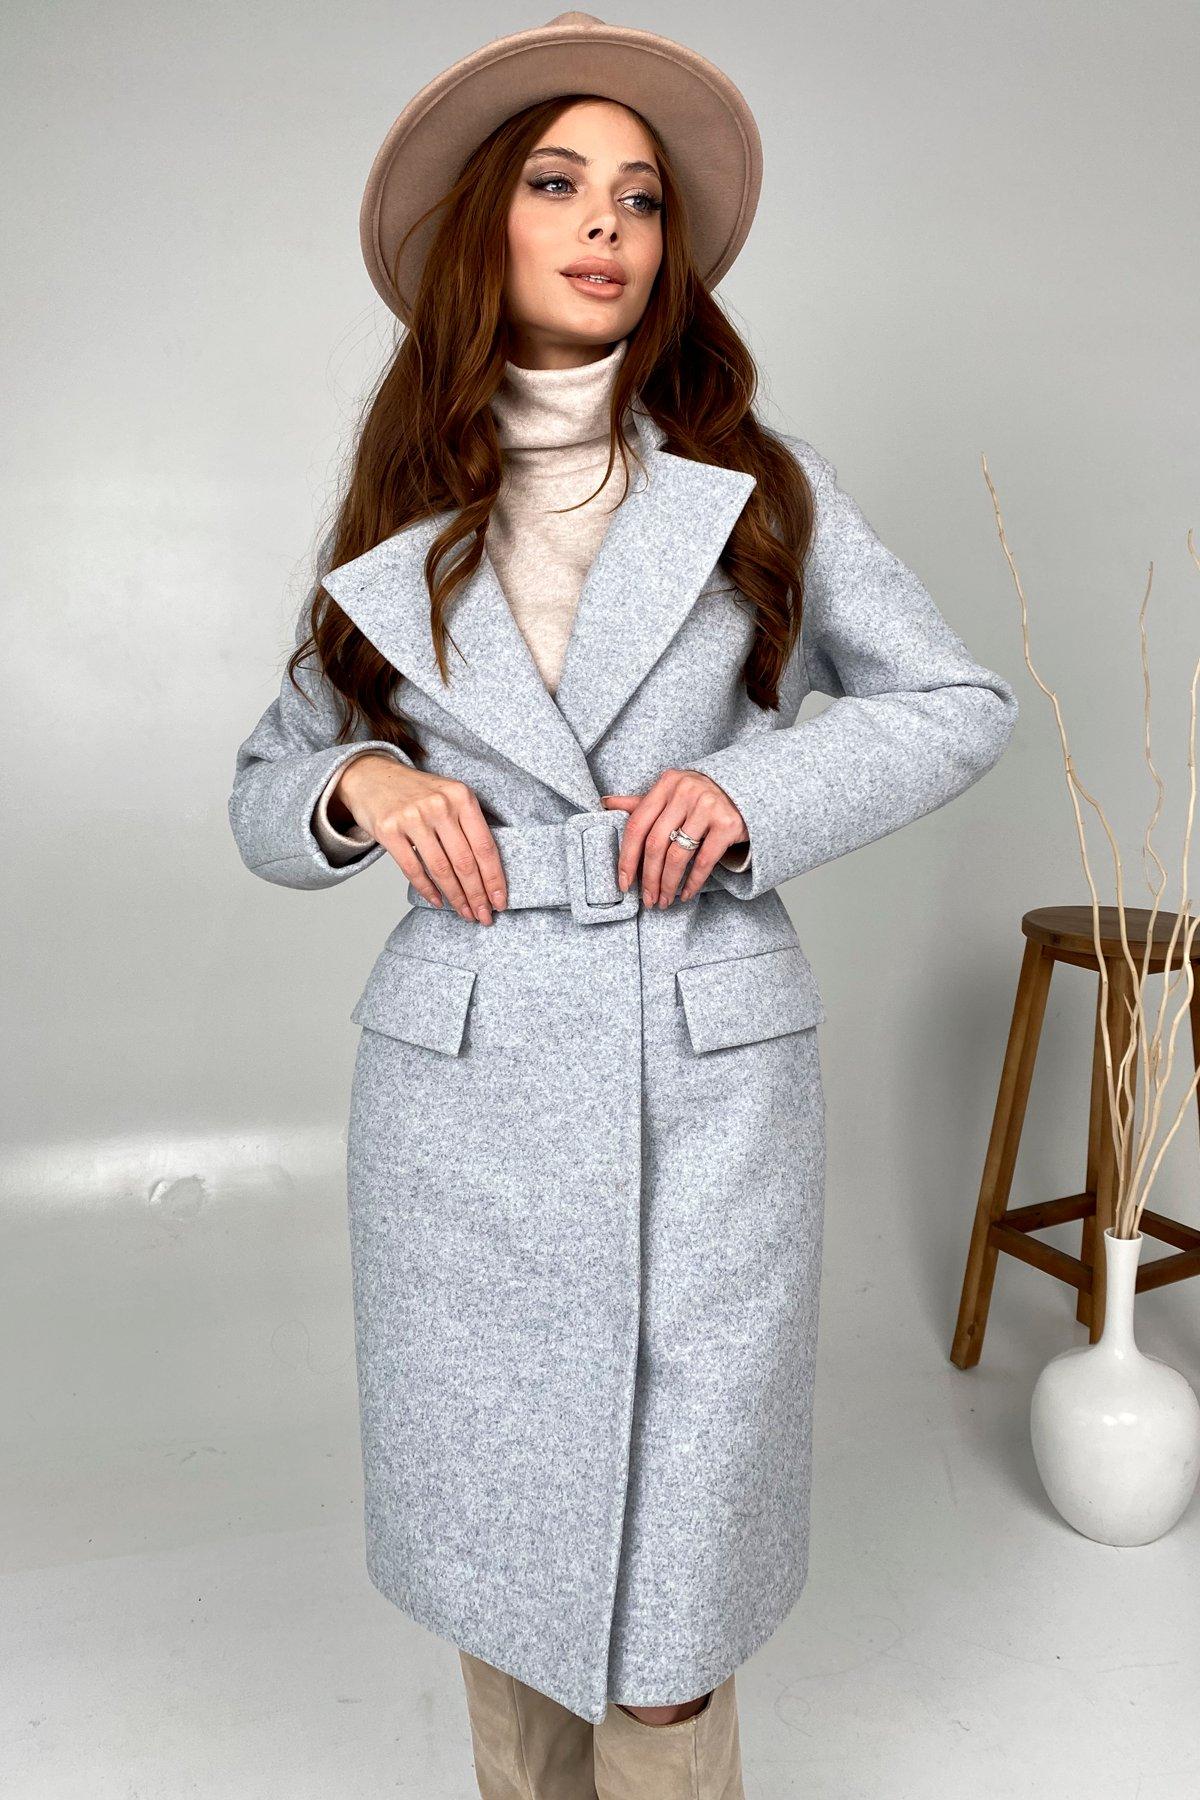 Зимнее пальто с отложным воротником Моле 8085 АРТ. 44035 Цвет: Серый Светлый 33 - фото 4, интернет магазин tm-modus.ru